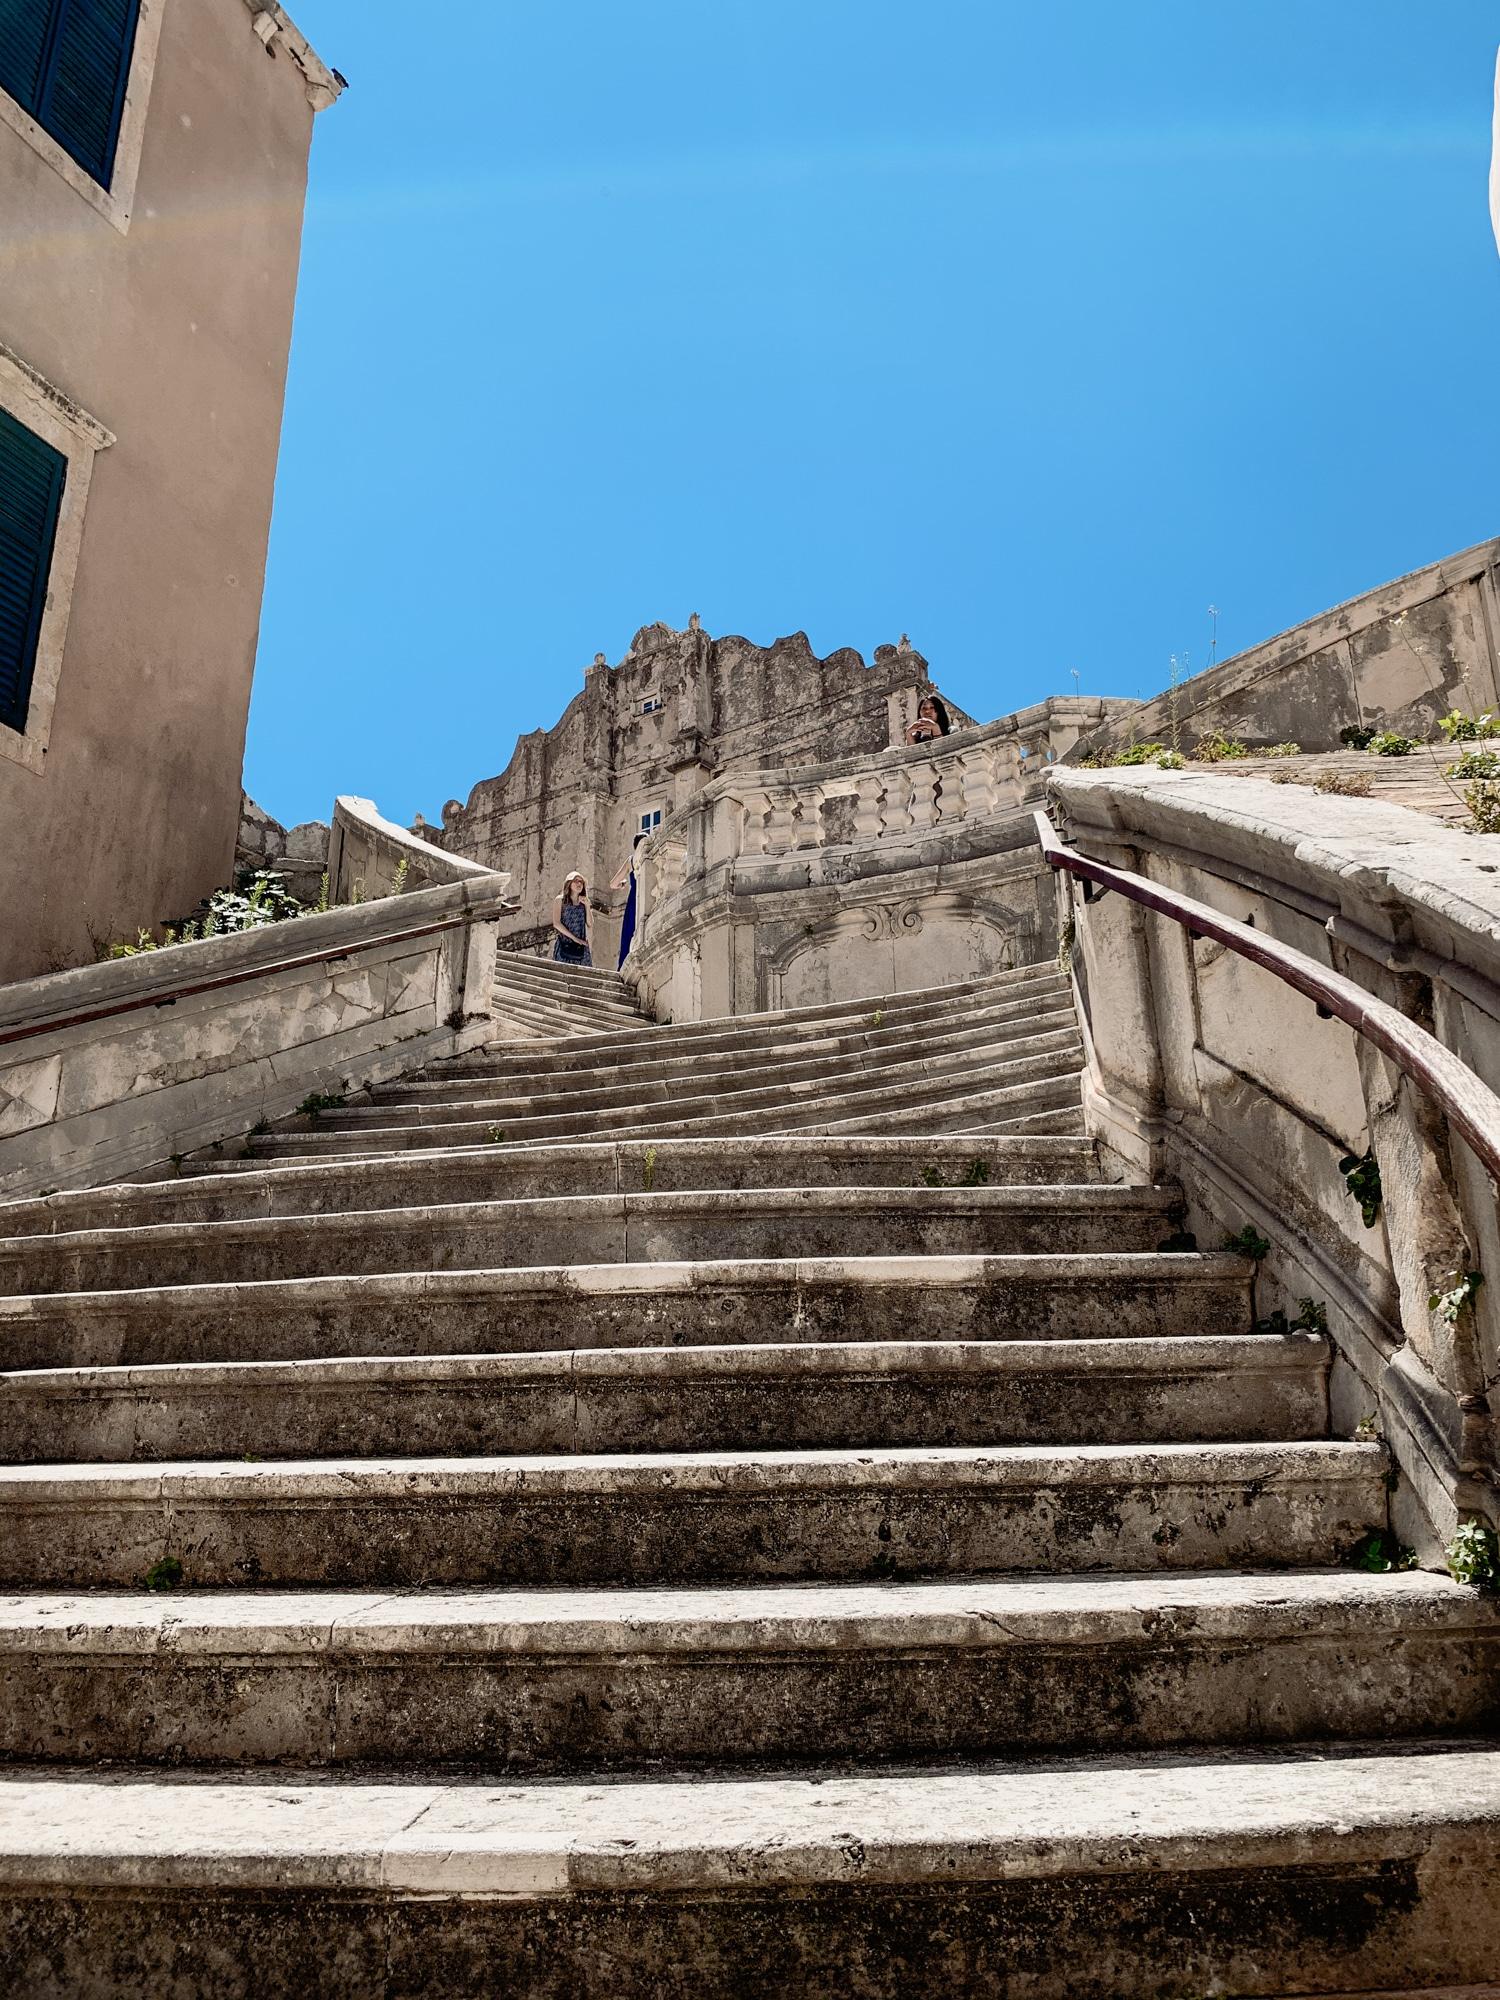 Dubrovnik Sehenswürdigkeiten Top 10: Meine Highlights und Tipps - Jesuitentreppe, Walk of Shame